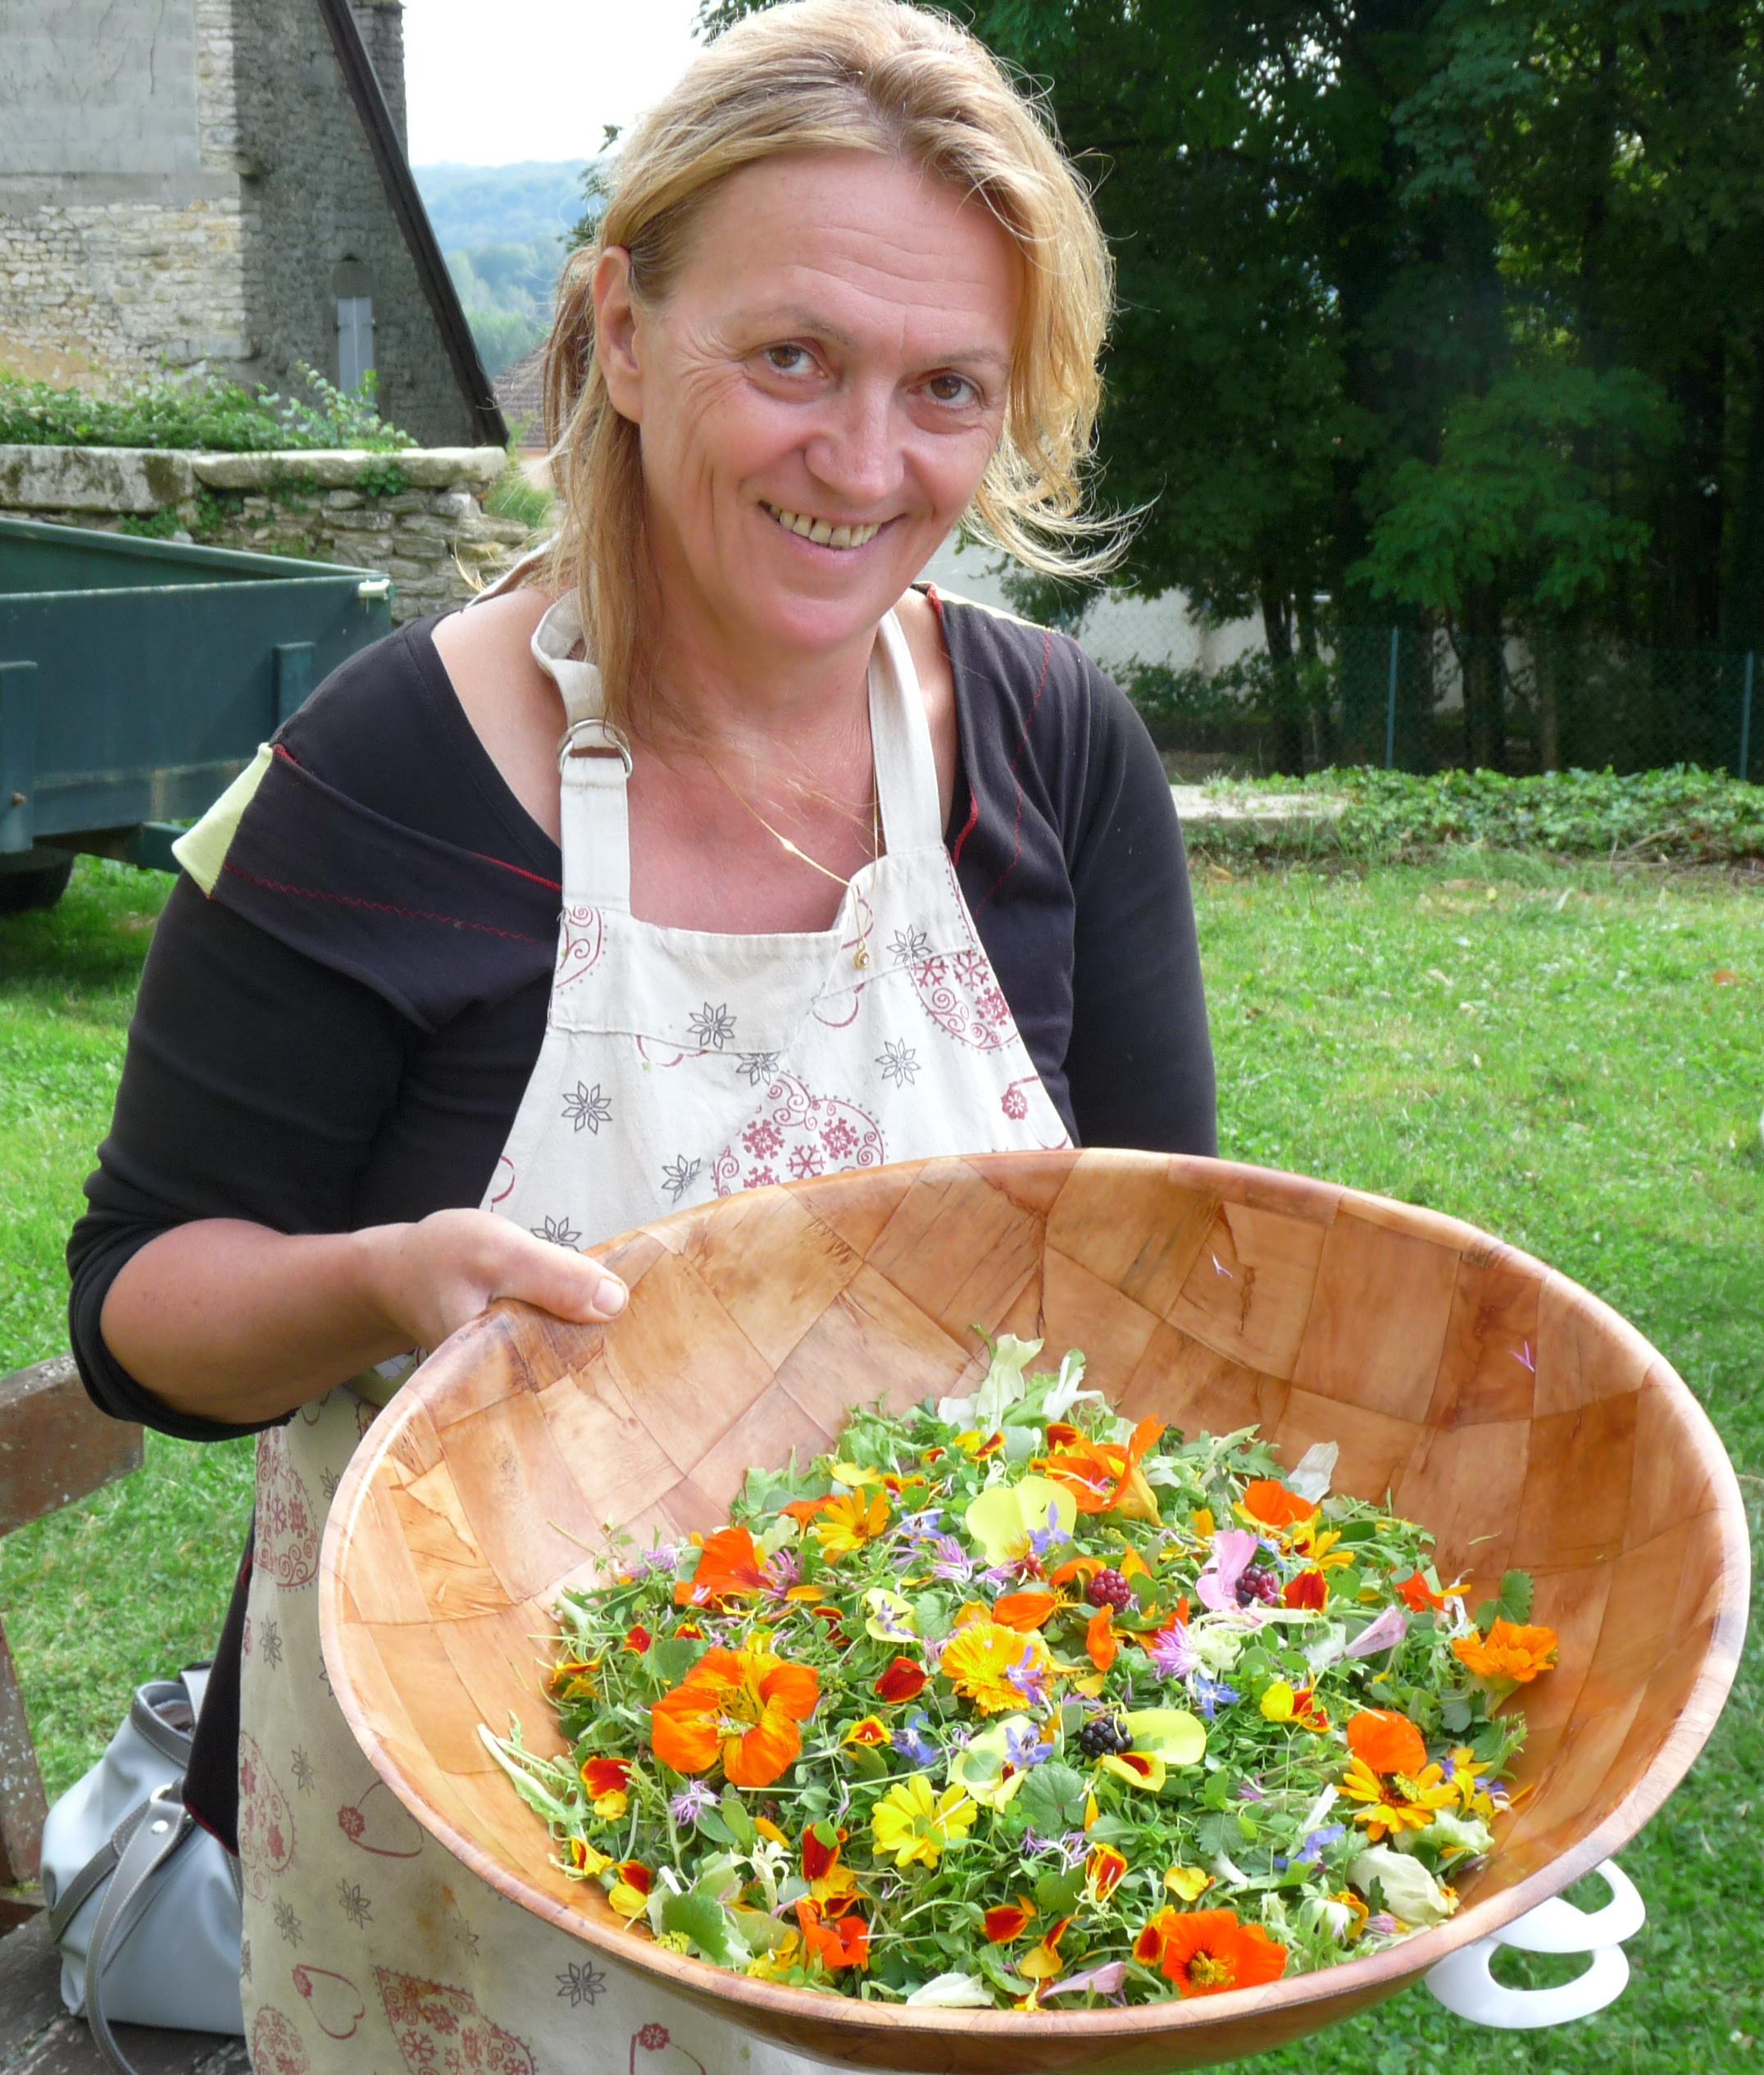 christine spohn l'hôte cueillette fleurs salade bio nature